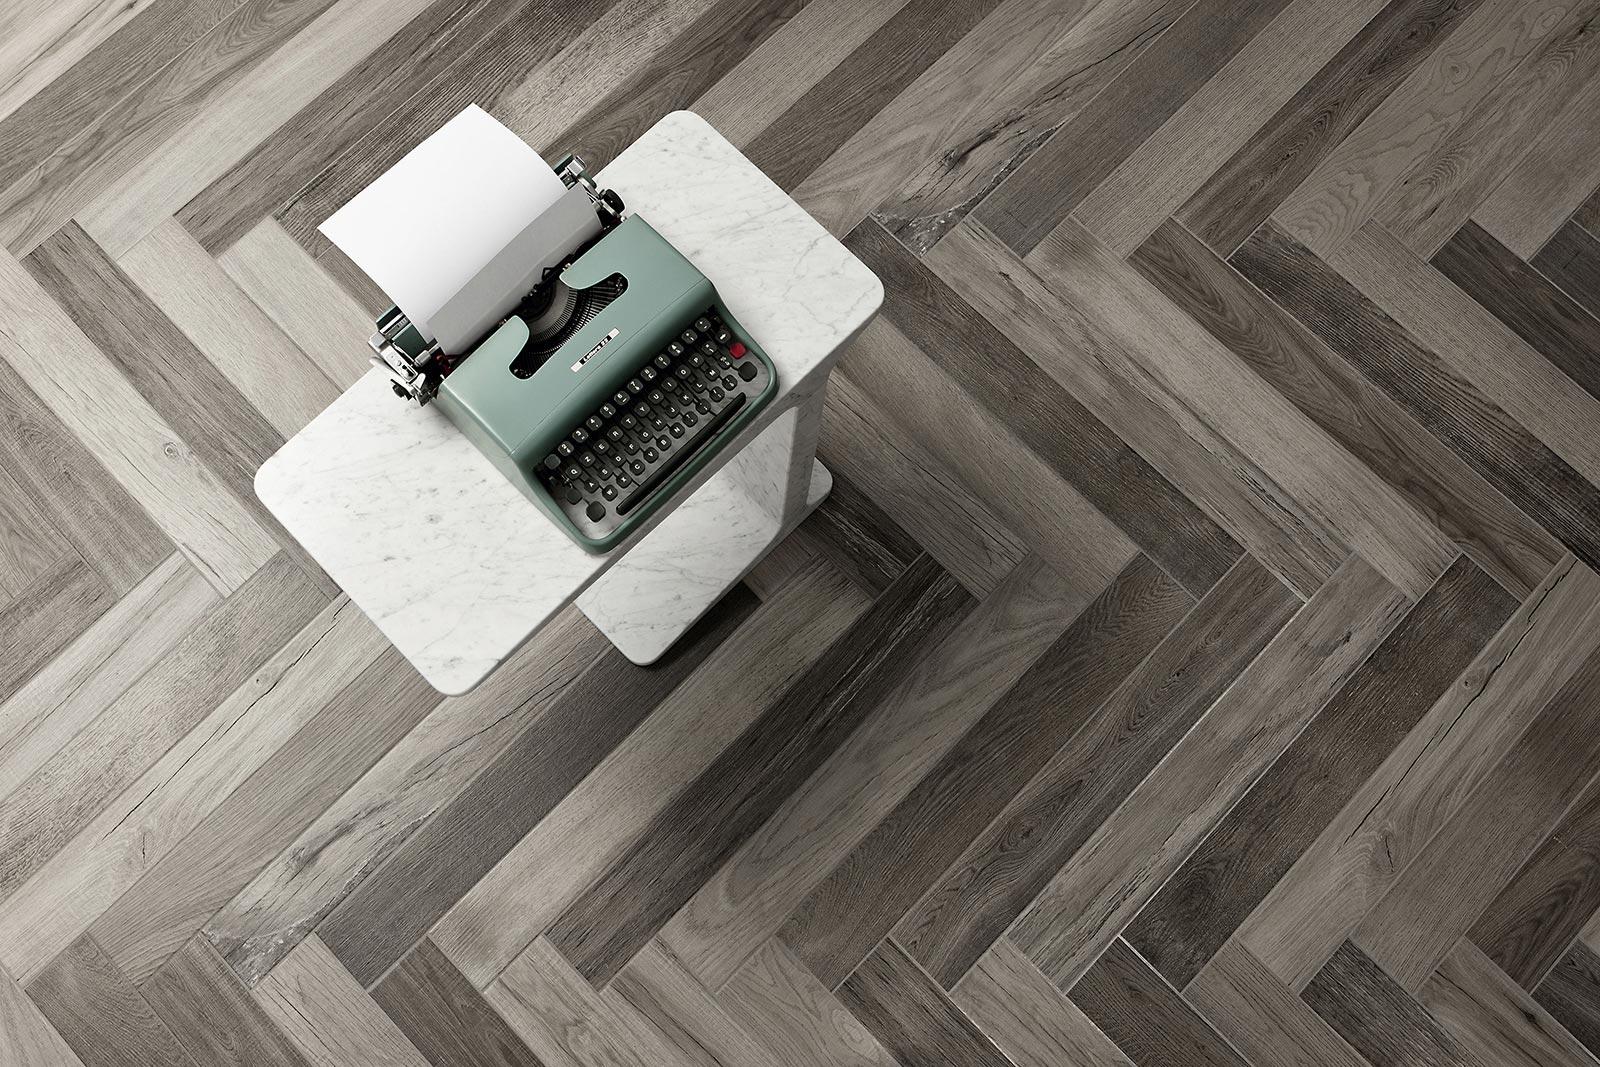 azulejos de cermica marazzi with pavimento ceramico imitacion madera